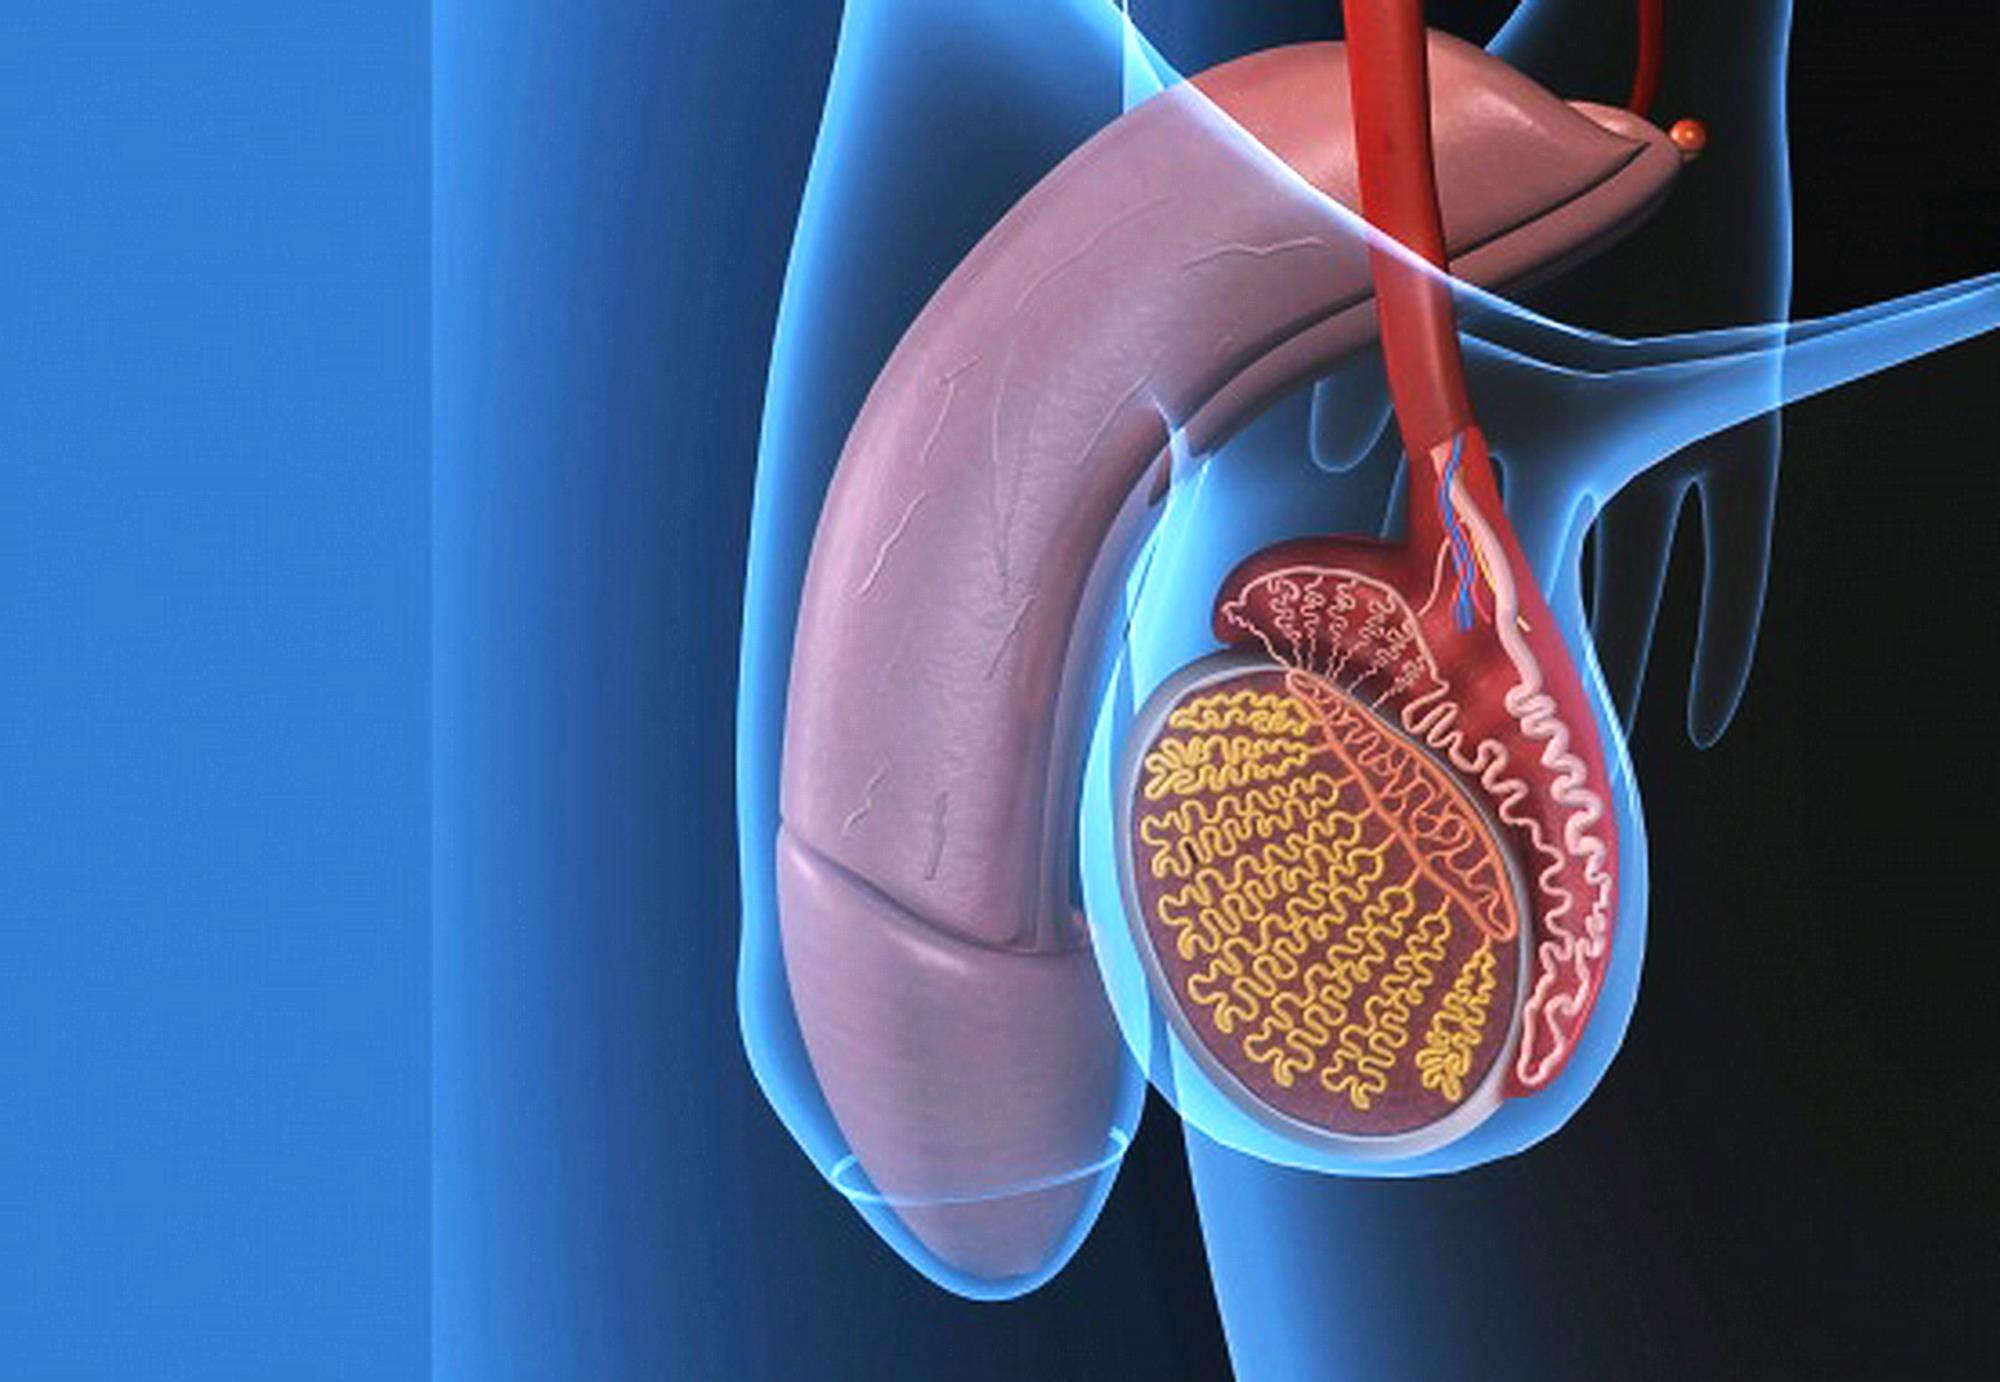 quanto gonfia dovrebbe essere la prostata in imbarazzo dopo lintervento chirurgico